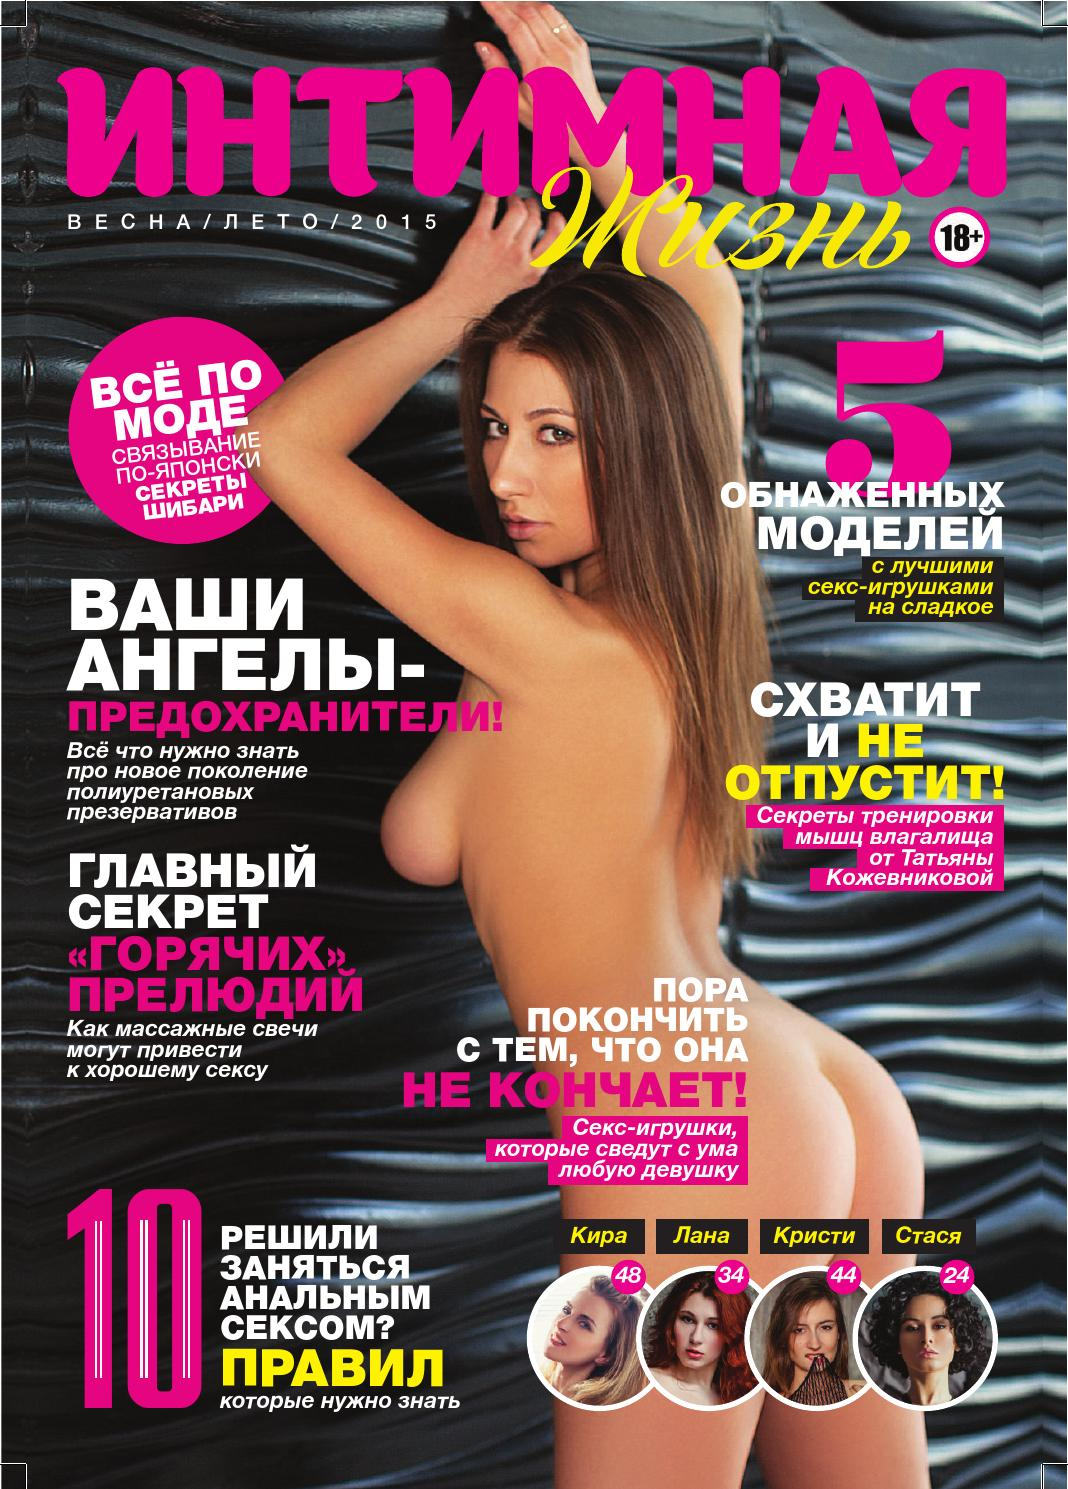 Журнал голые девушки смотреть онлайн #11